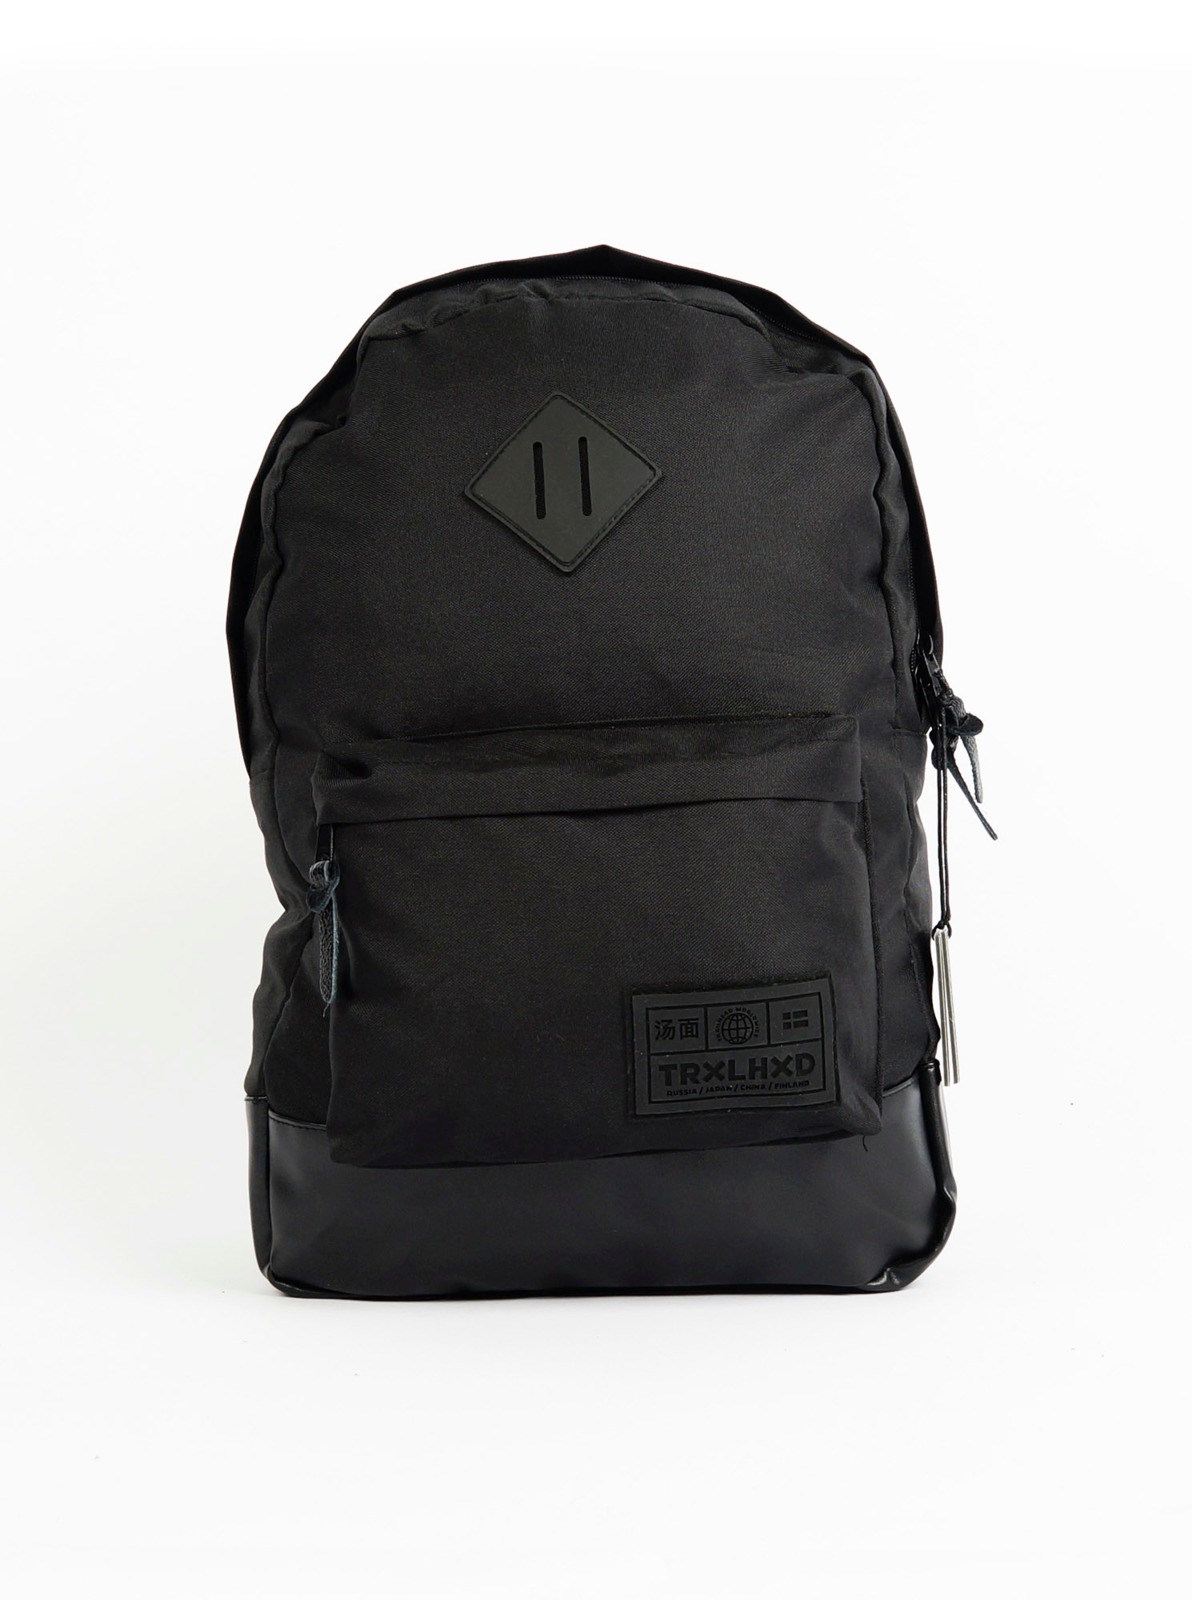 Рюкзак мужской Trailhead, цвет: черный. BAG002-18_BkFl рюкзак мужской quiksilver everydaypostemb m eqybp03501 bng0 королевский синий